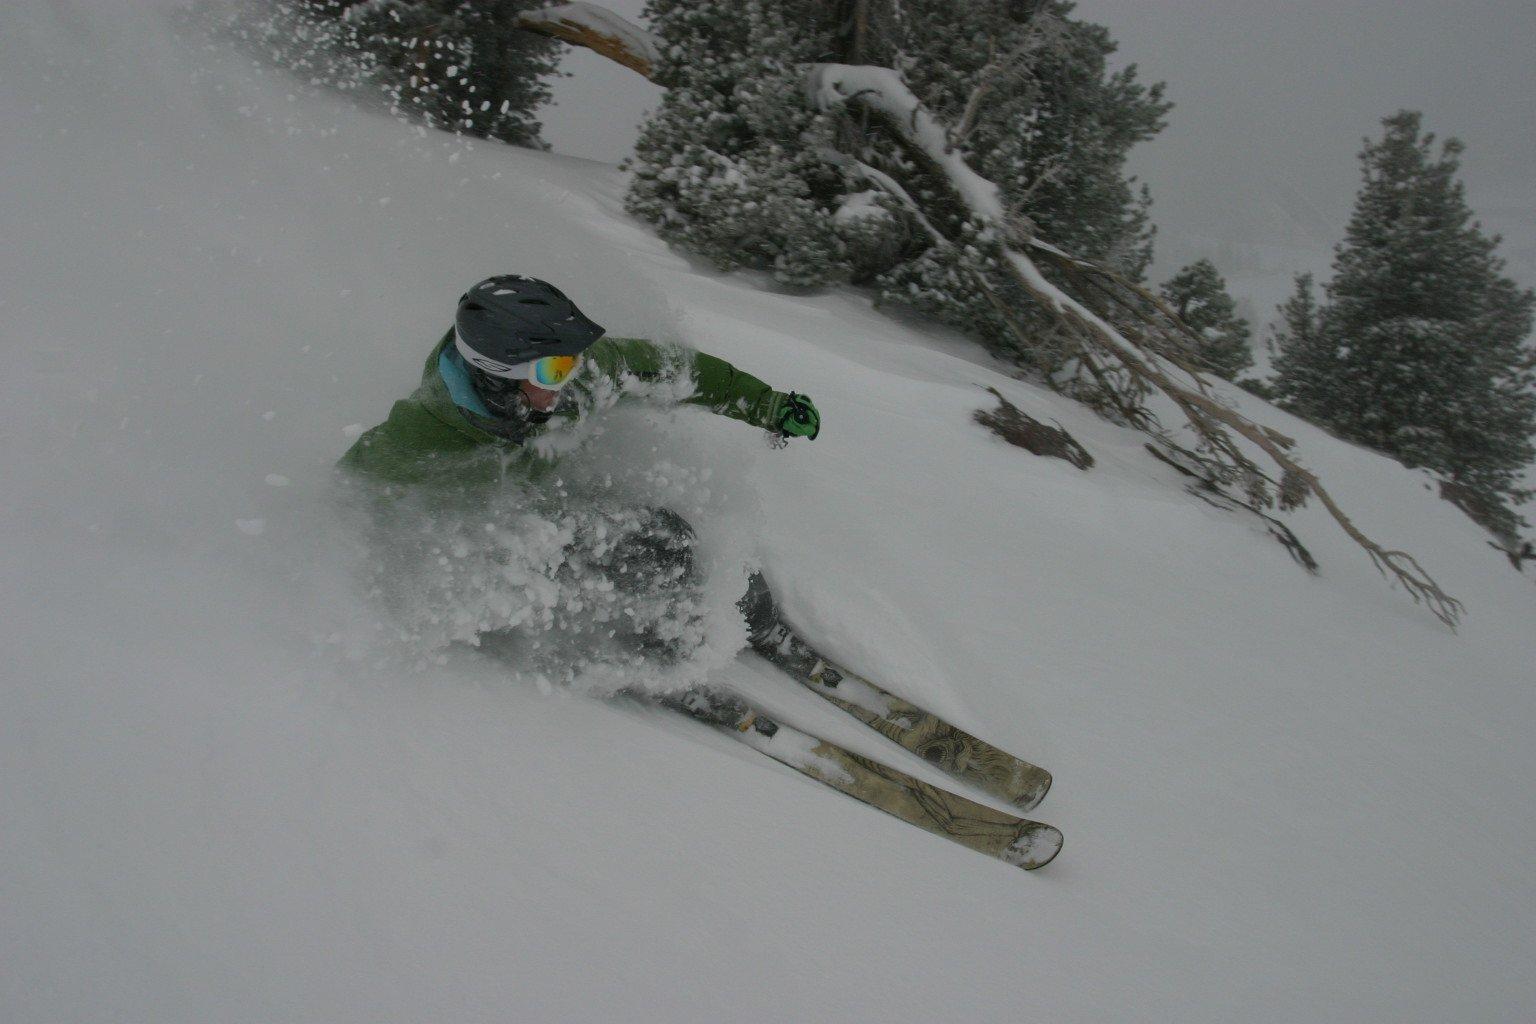 More Nov. 28 powder at Mammoth